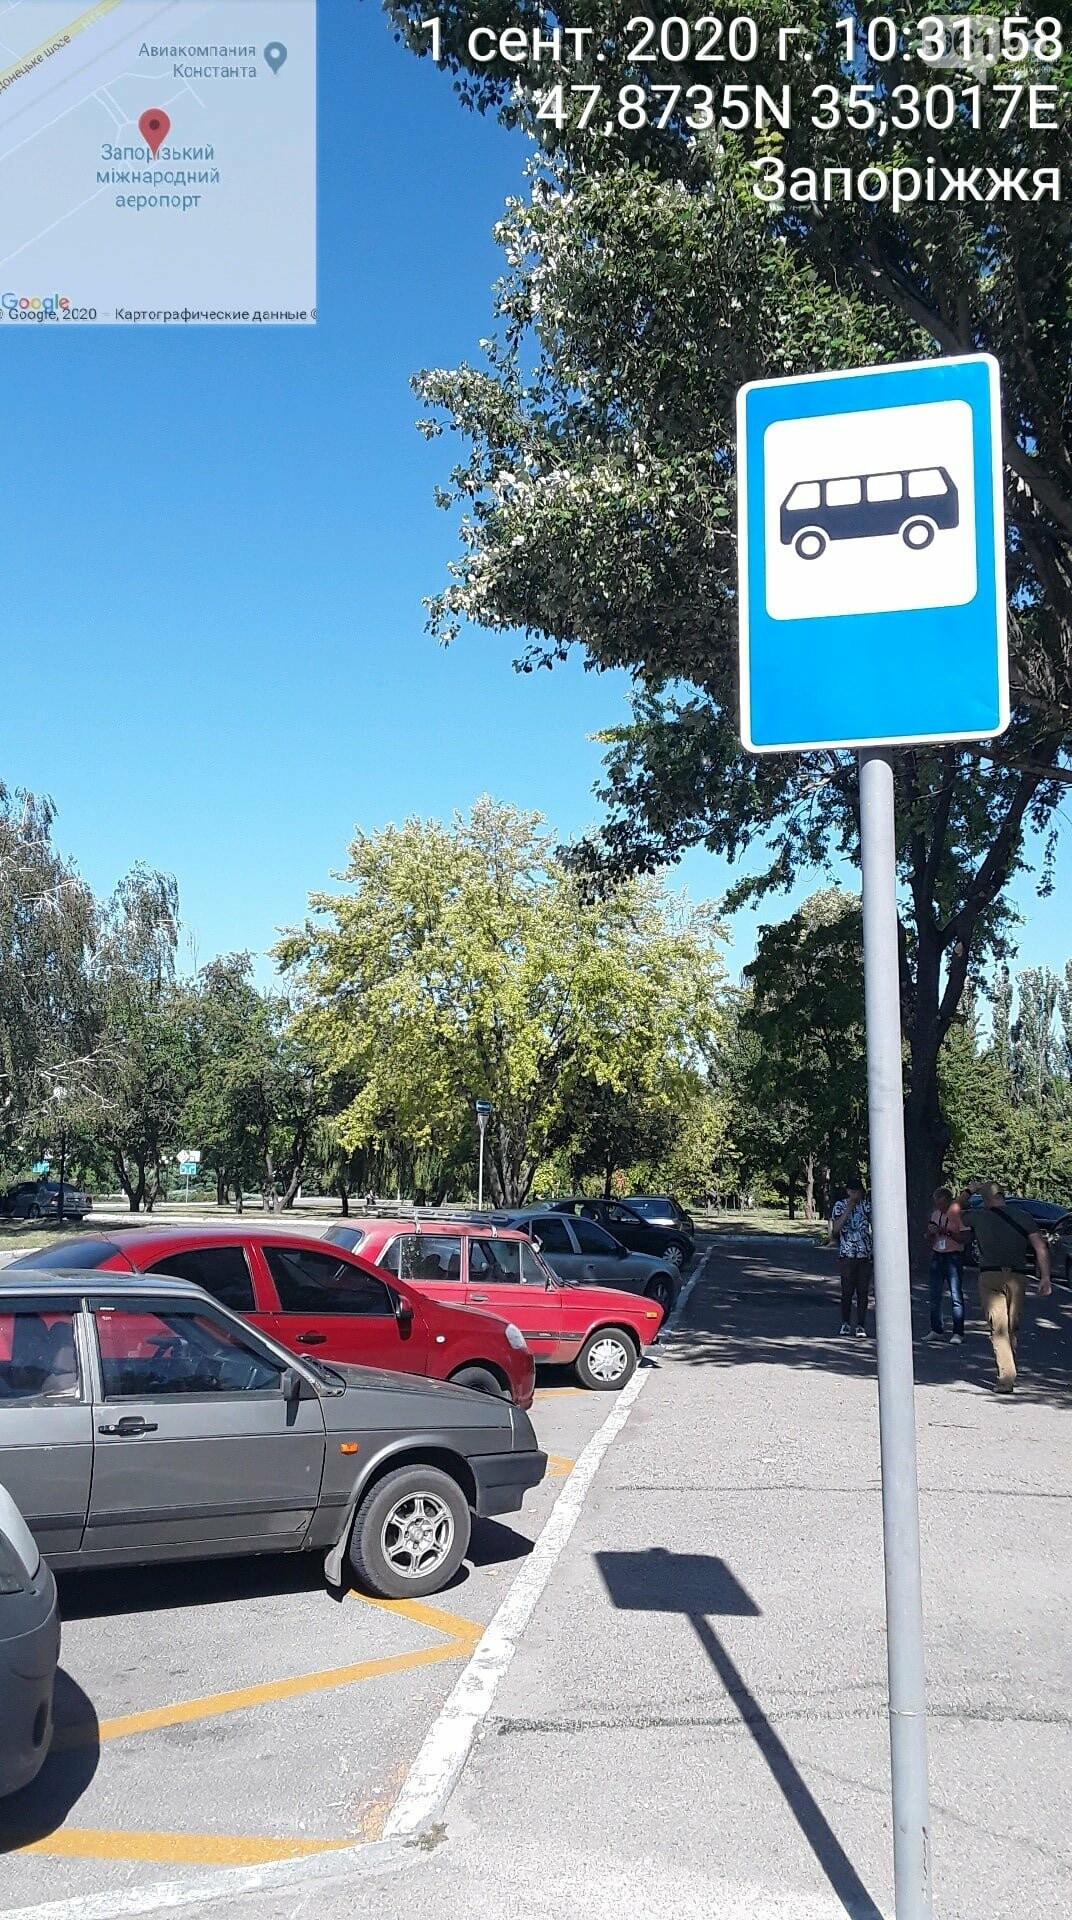 Инспекторы по парковке оштрафовали водителей, которые заблокировали работу транспорта в аэропорту, фото-3